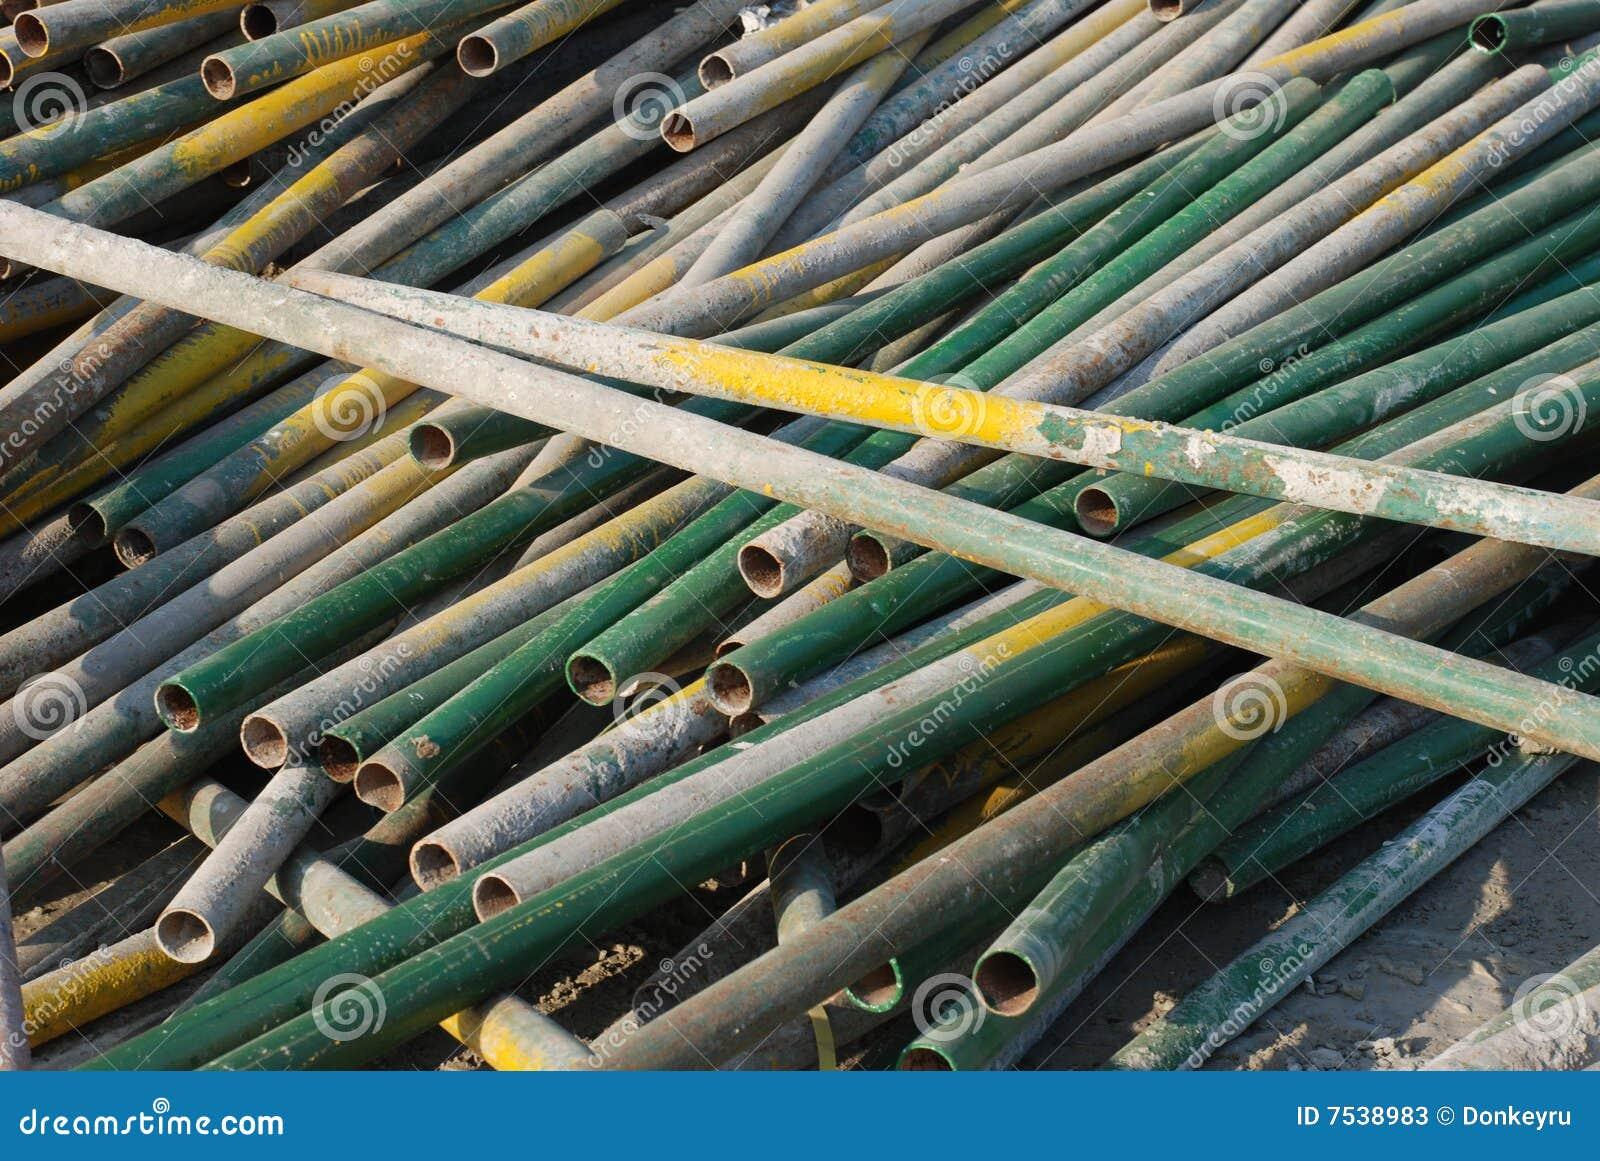 Los tubos del hierro fotos de archivo imagen 7538983 for Tubos de hierro rectangulares